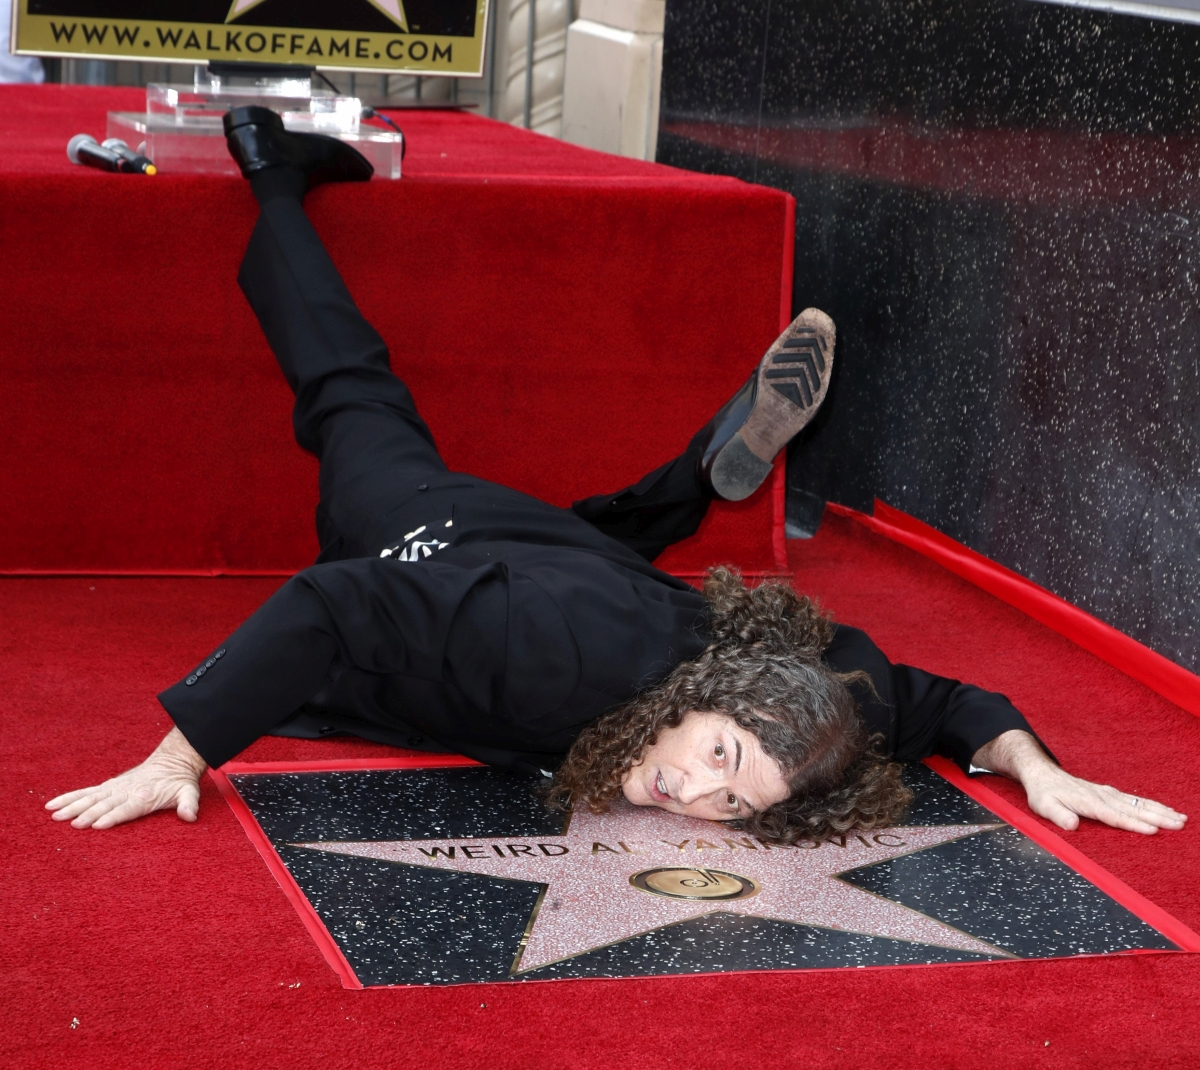 """Los Angeles, 2018. augusztus 28. Alfred Matthew """"Weird Al"""" Yankovic amerikai zenész, parodista a nevét viselõ csillag avatási ünnepségén a Hollywoodi hírességek sétányán, Los Angelesben 2018. augusztus 27-én. Yankovicé a 2643. csillag a sétányon. (MTI/EPA/Mike Nelson)"""